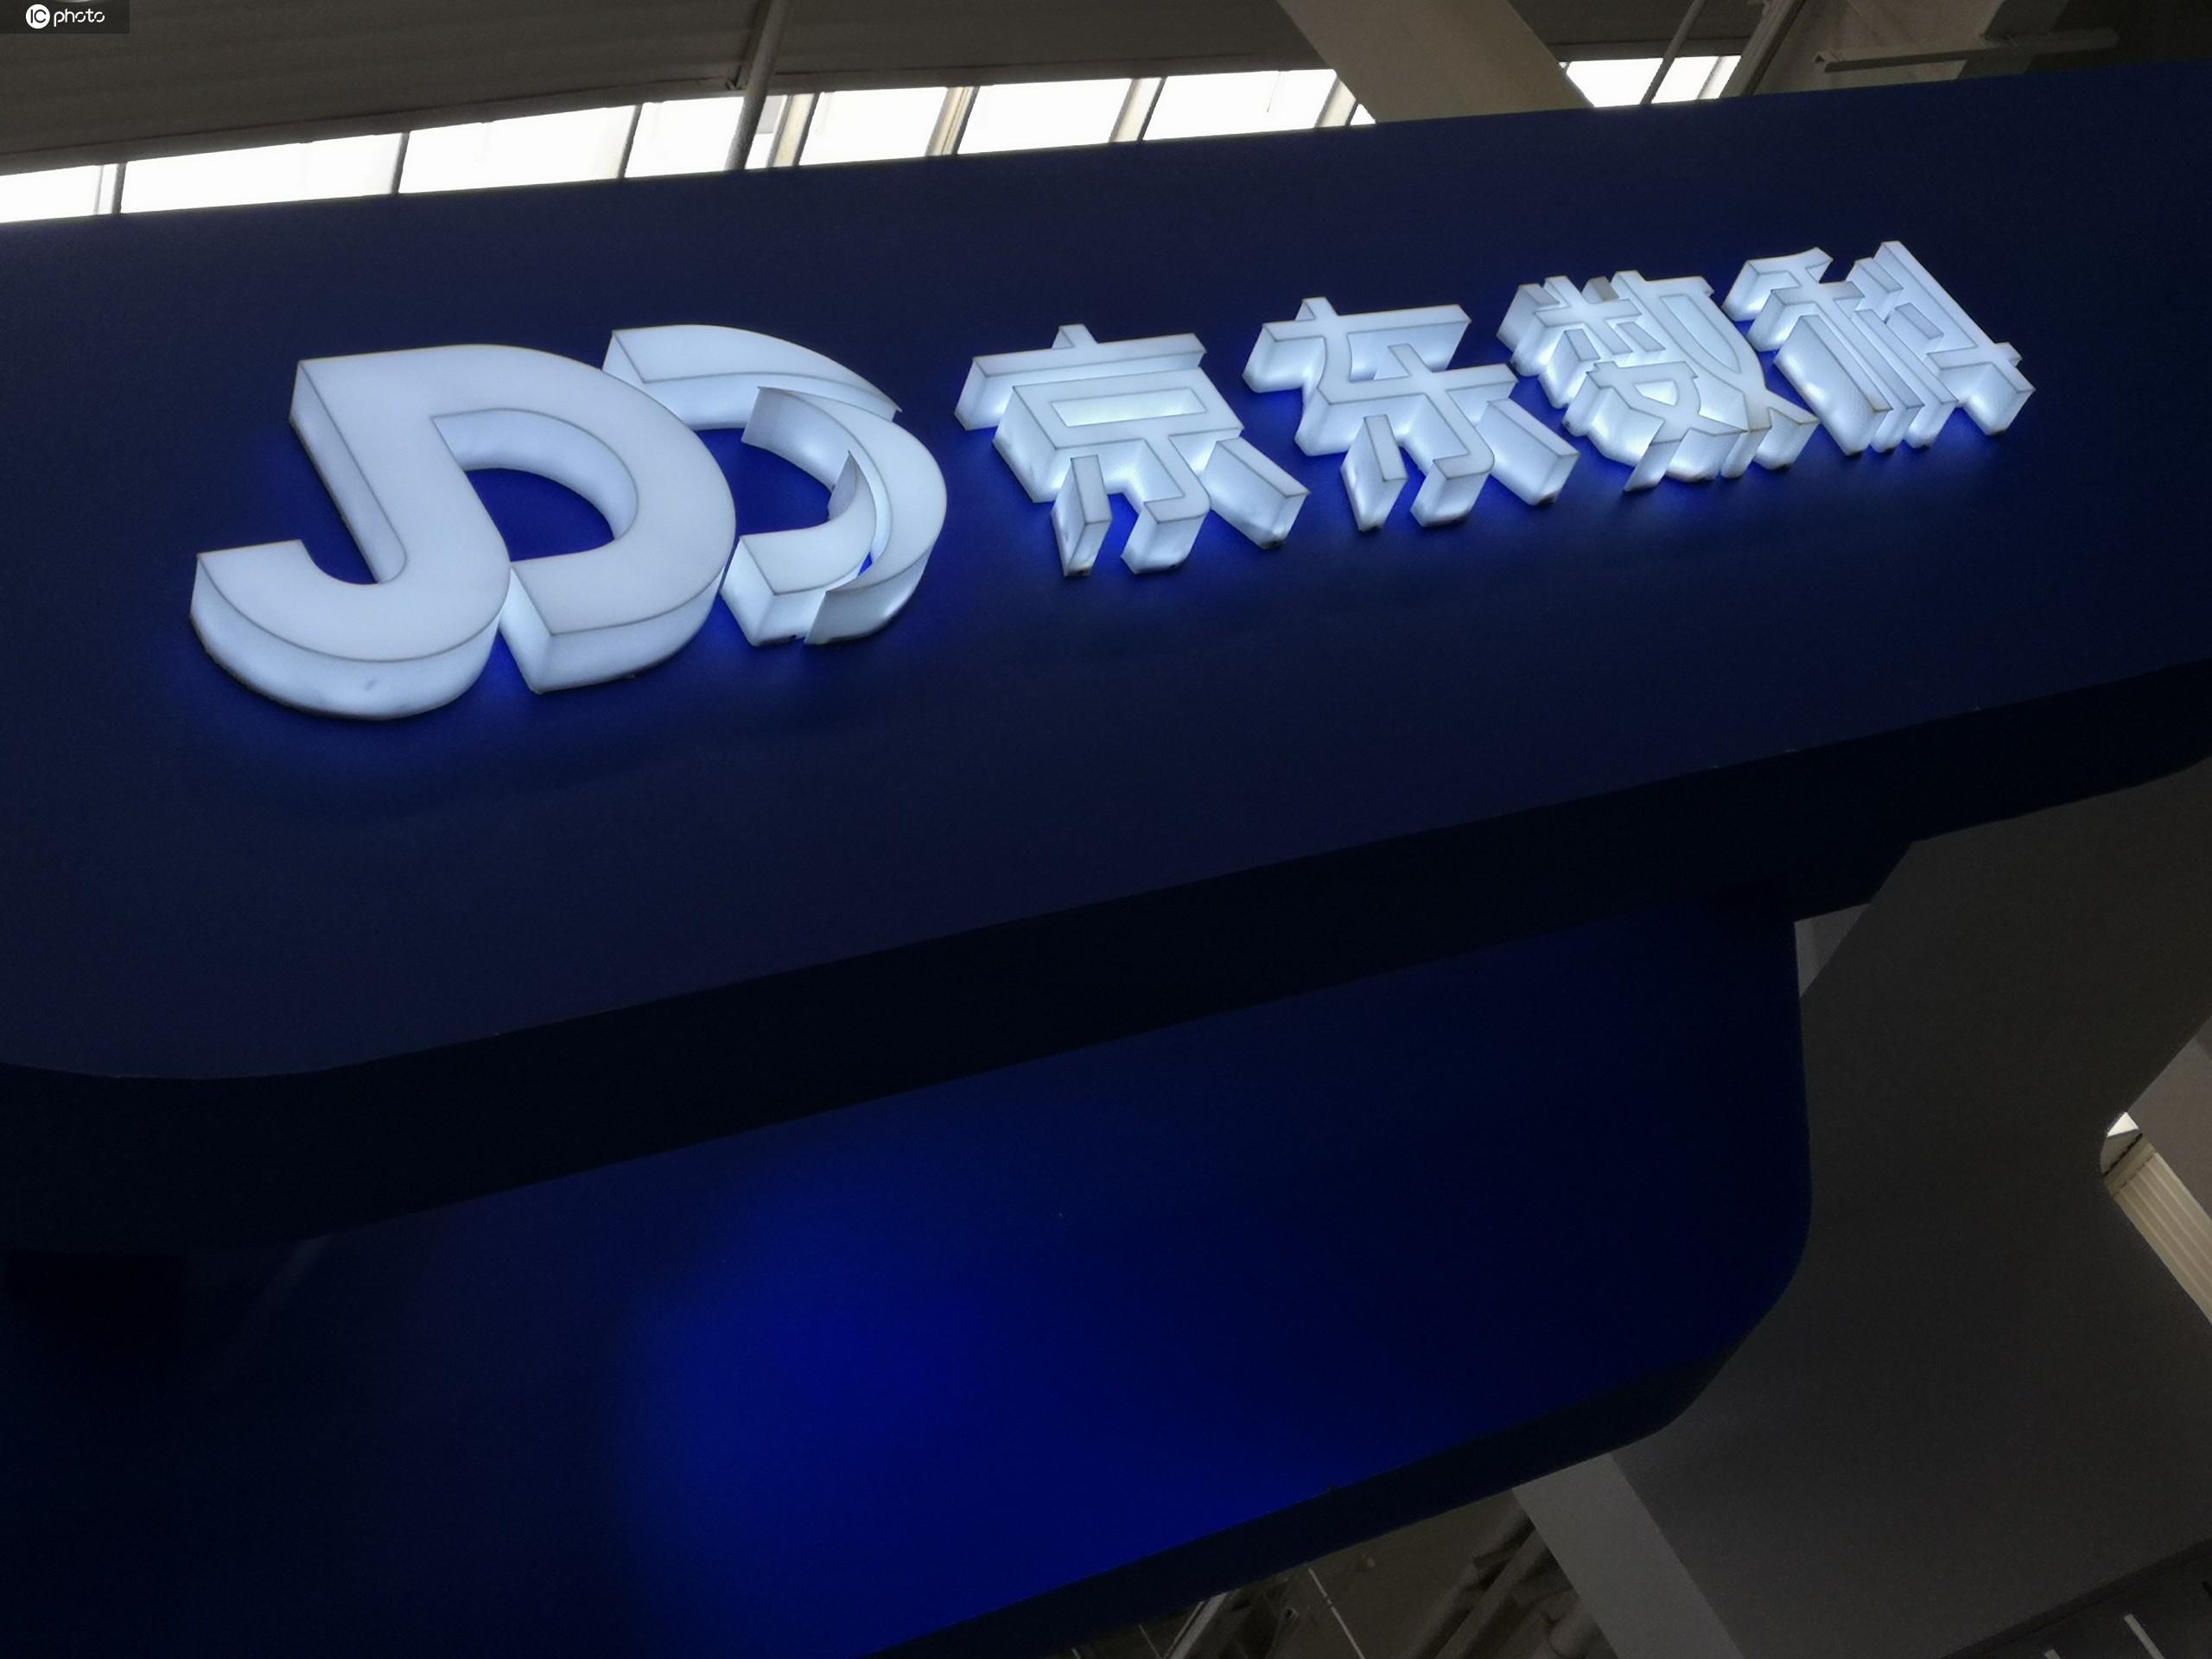 http://www.xqweigou.com/zhengceguanzhu/69099.html